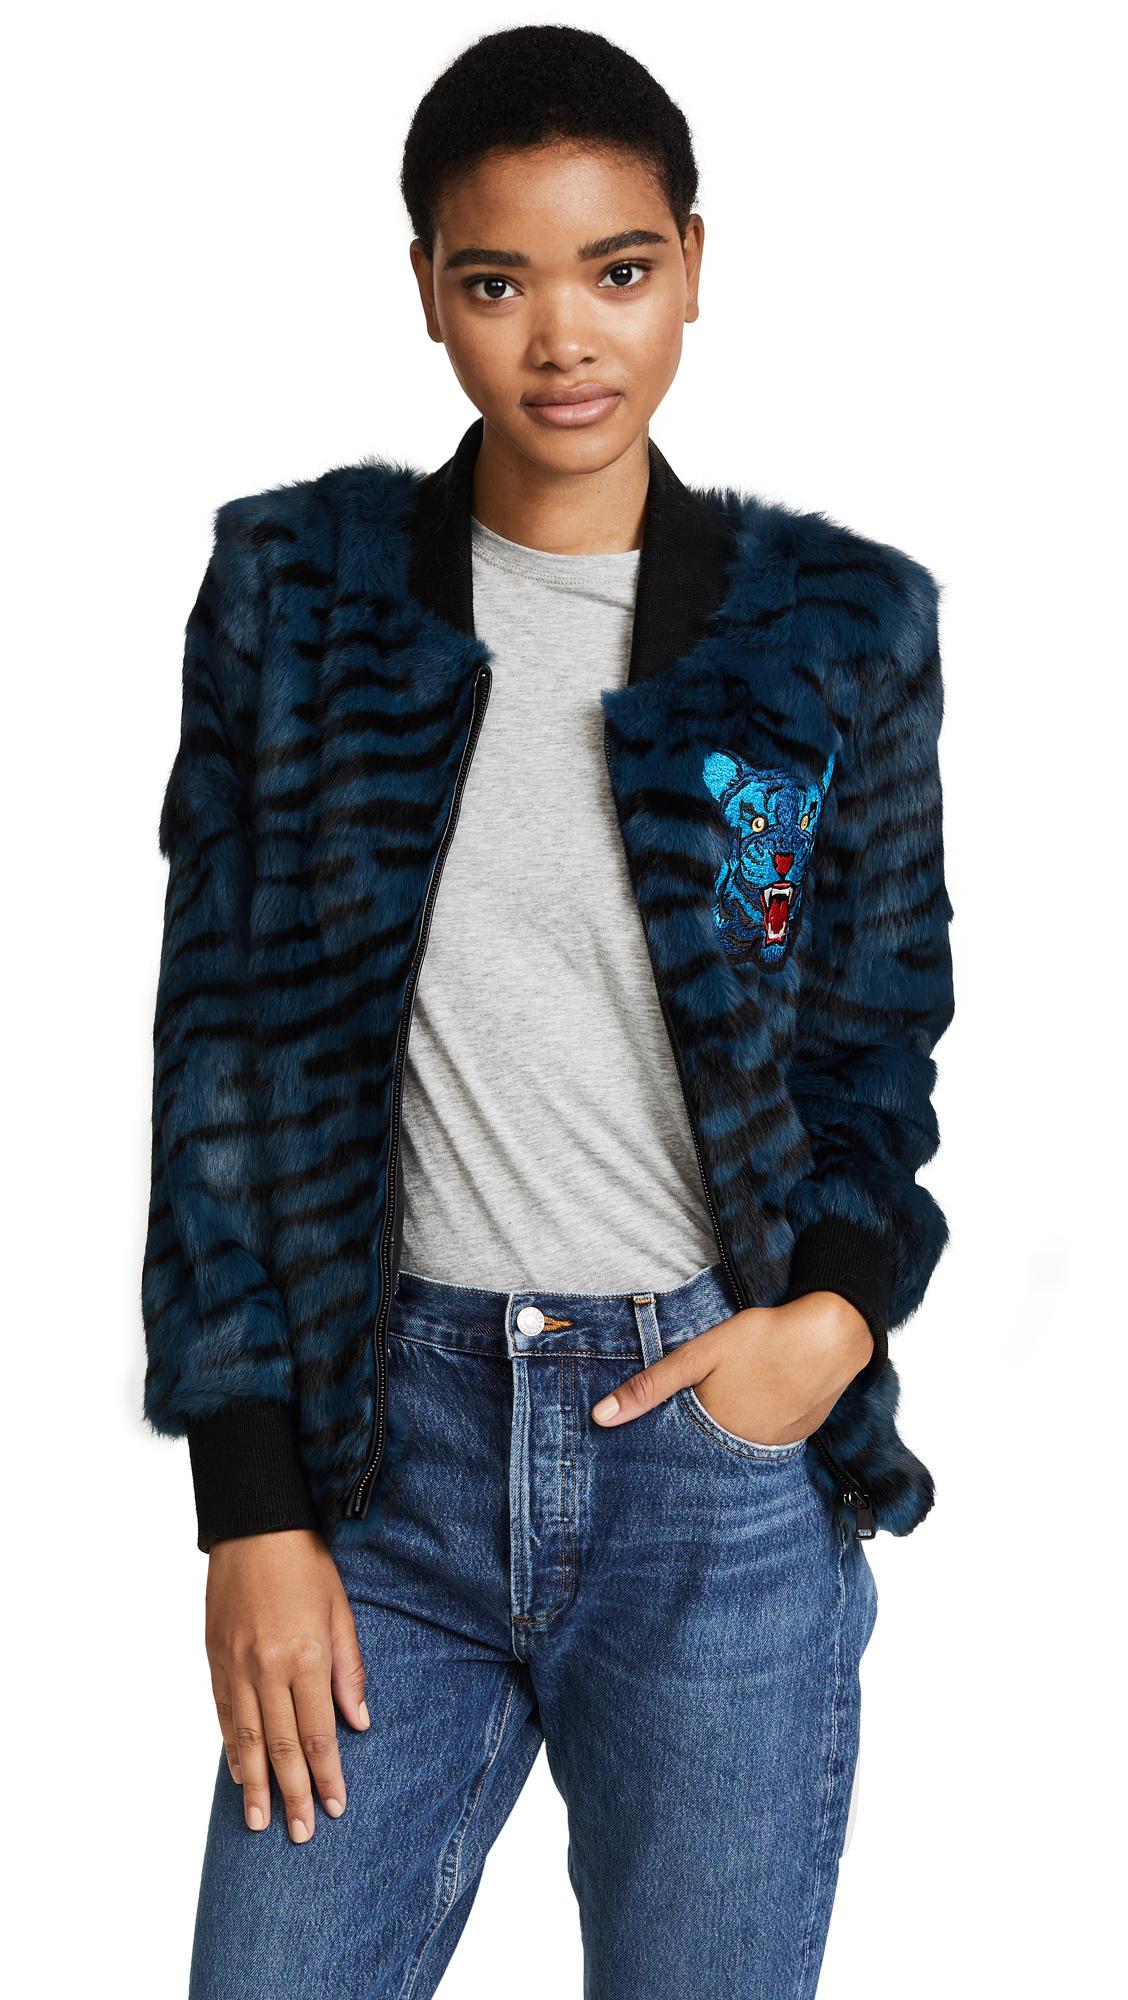 Jocelyn Tiger Print Bomber Jacket - Cadet Blue Tiger